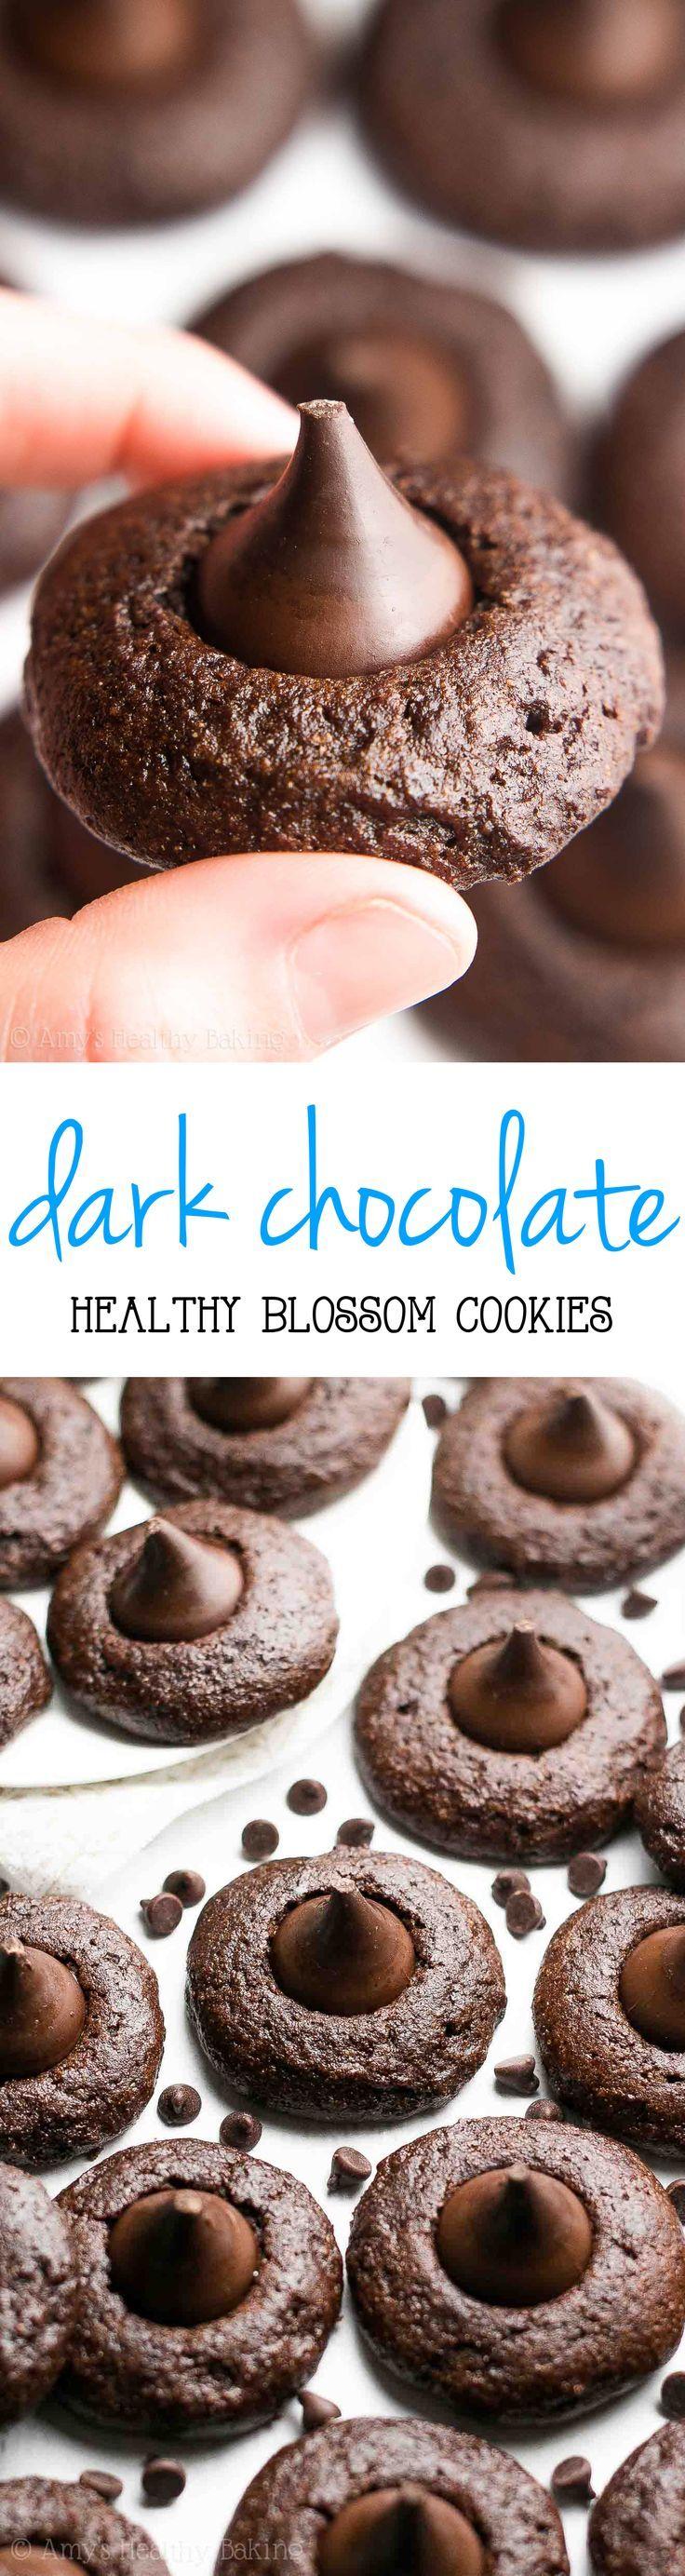 Best 20+ Healthy dark chocolate ideas on Pinterest | Dark ...